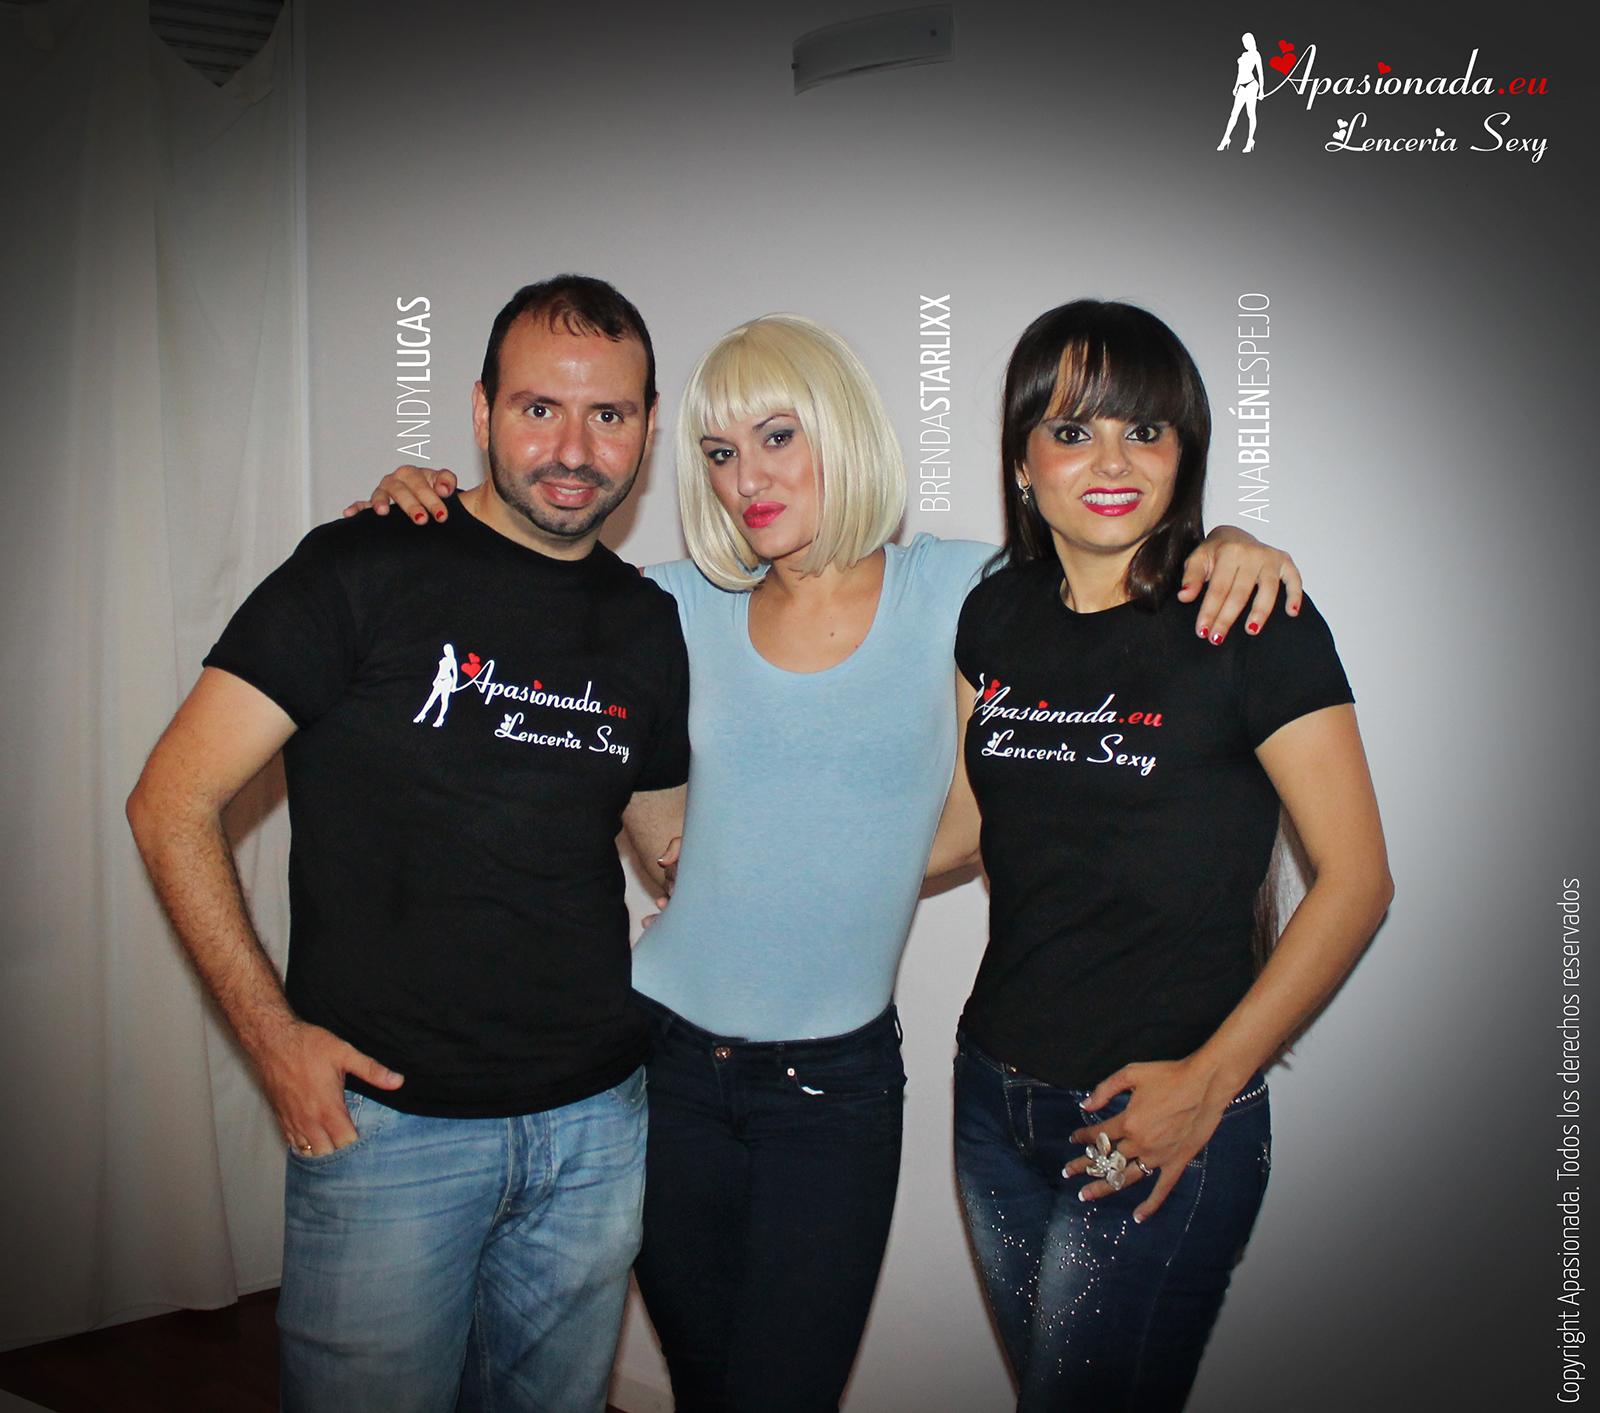 Sesión de fotos para Apasionada Lencería Sexy, con Brenda Starlix